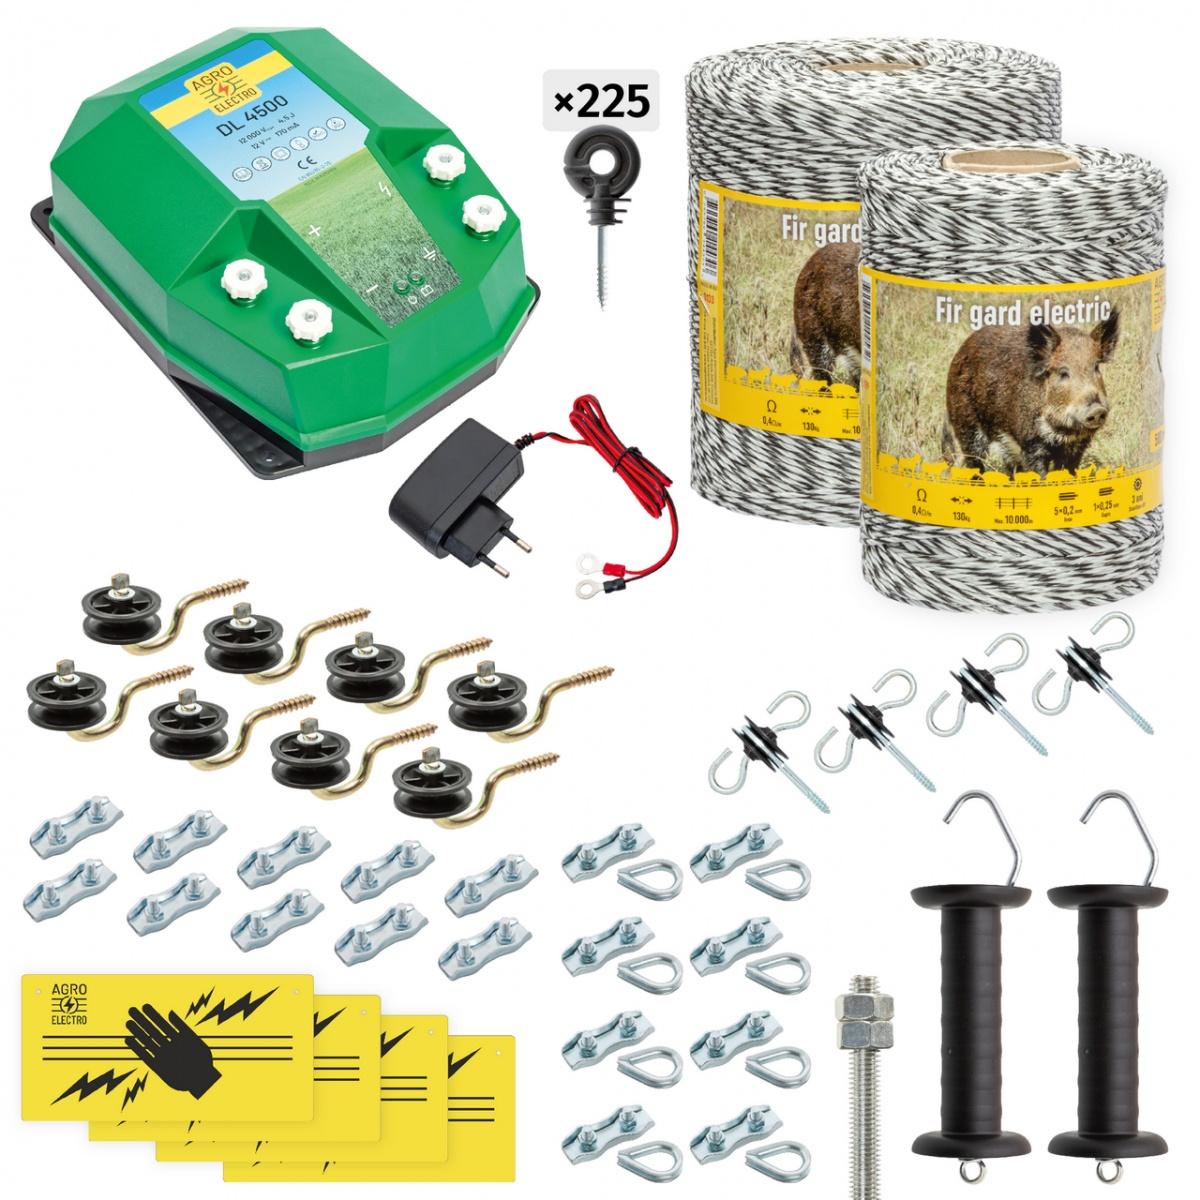 Pachet gard electric complet 1500m, 4,5Joule, 230V, pentru animale sălbatice